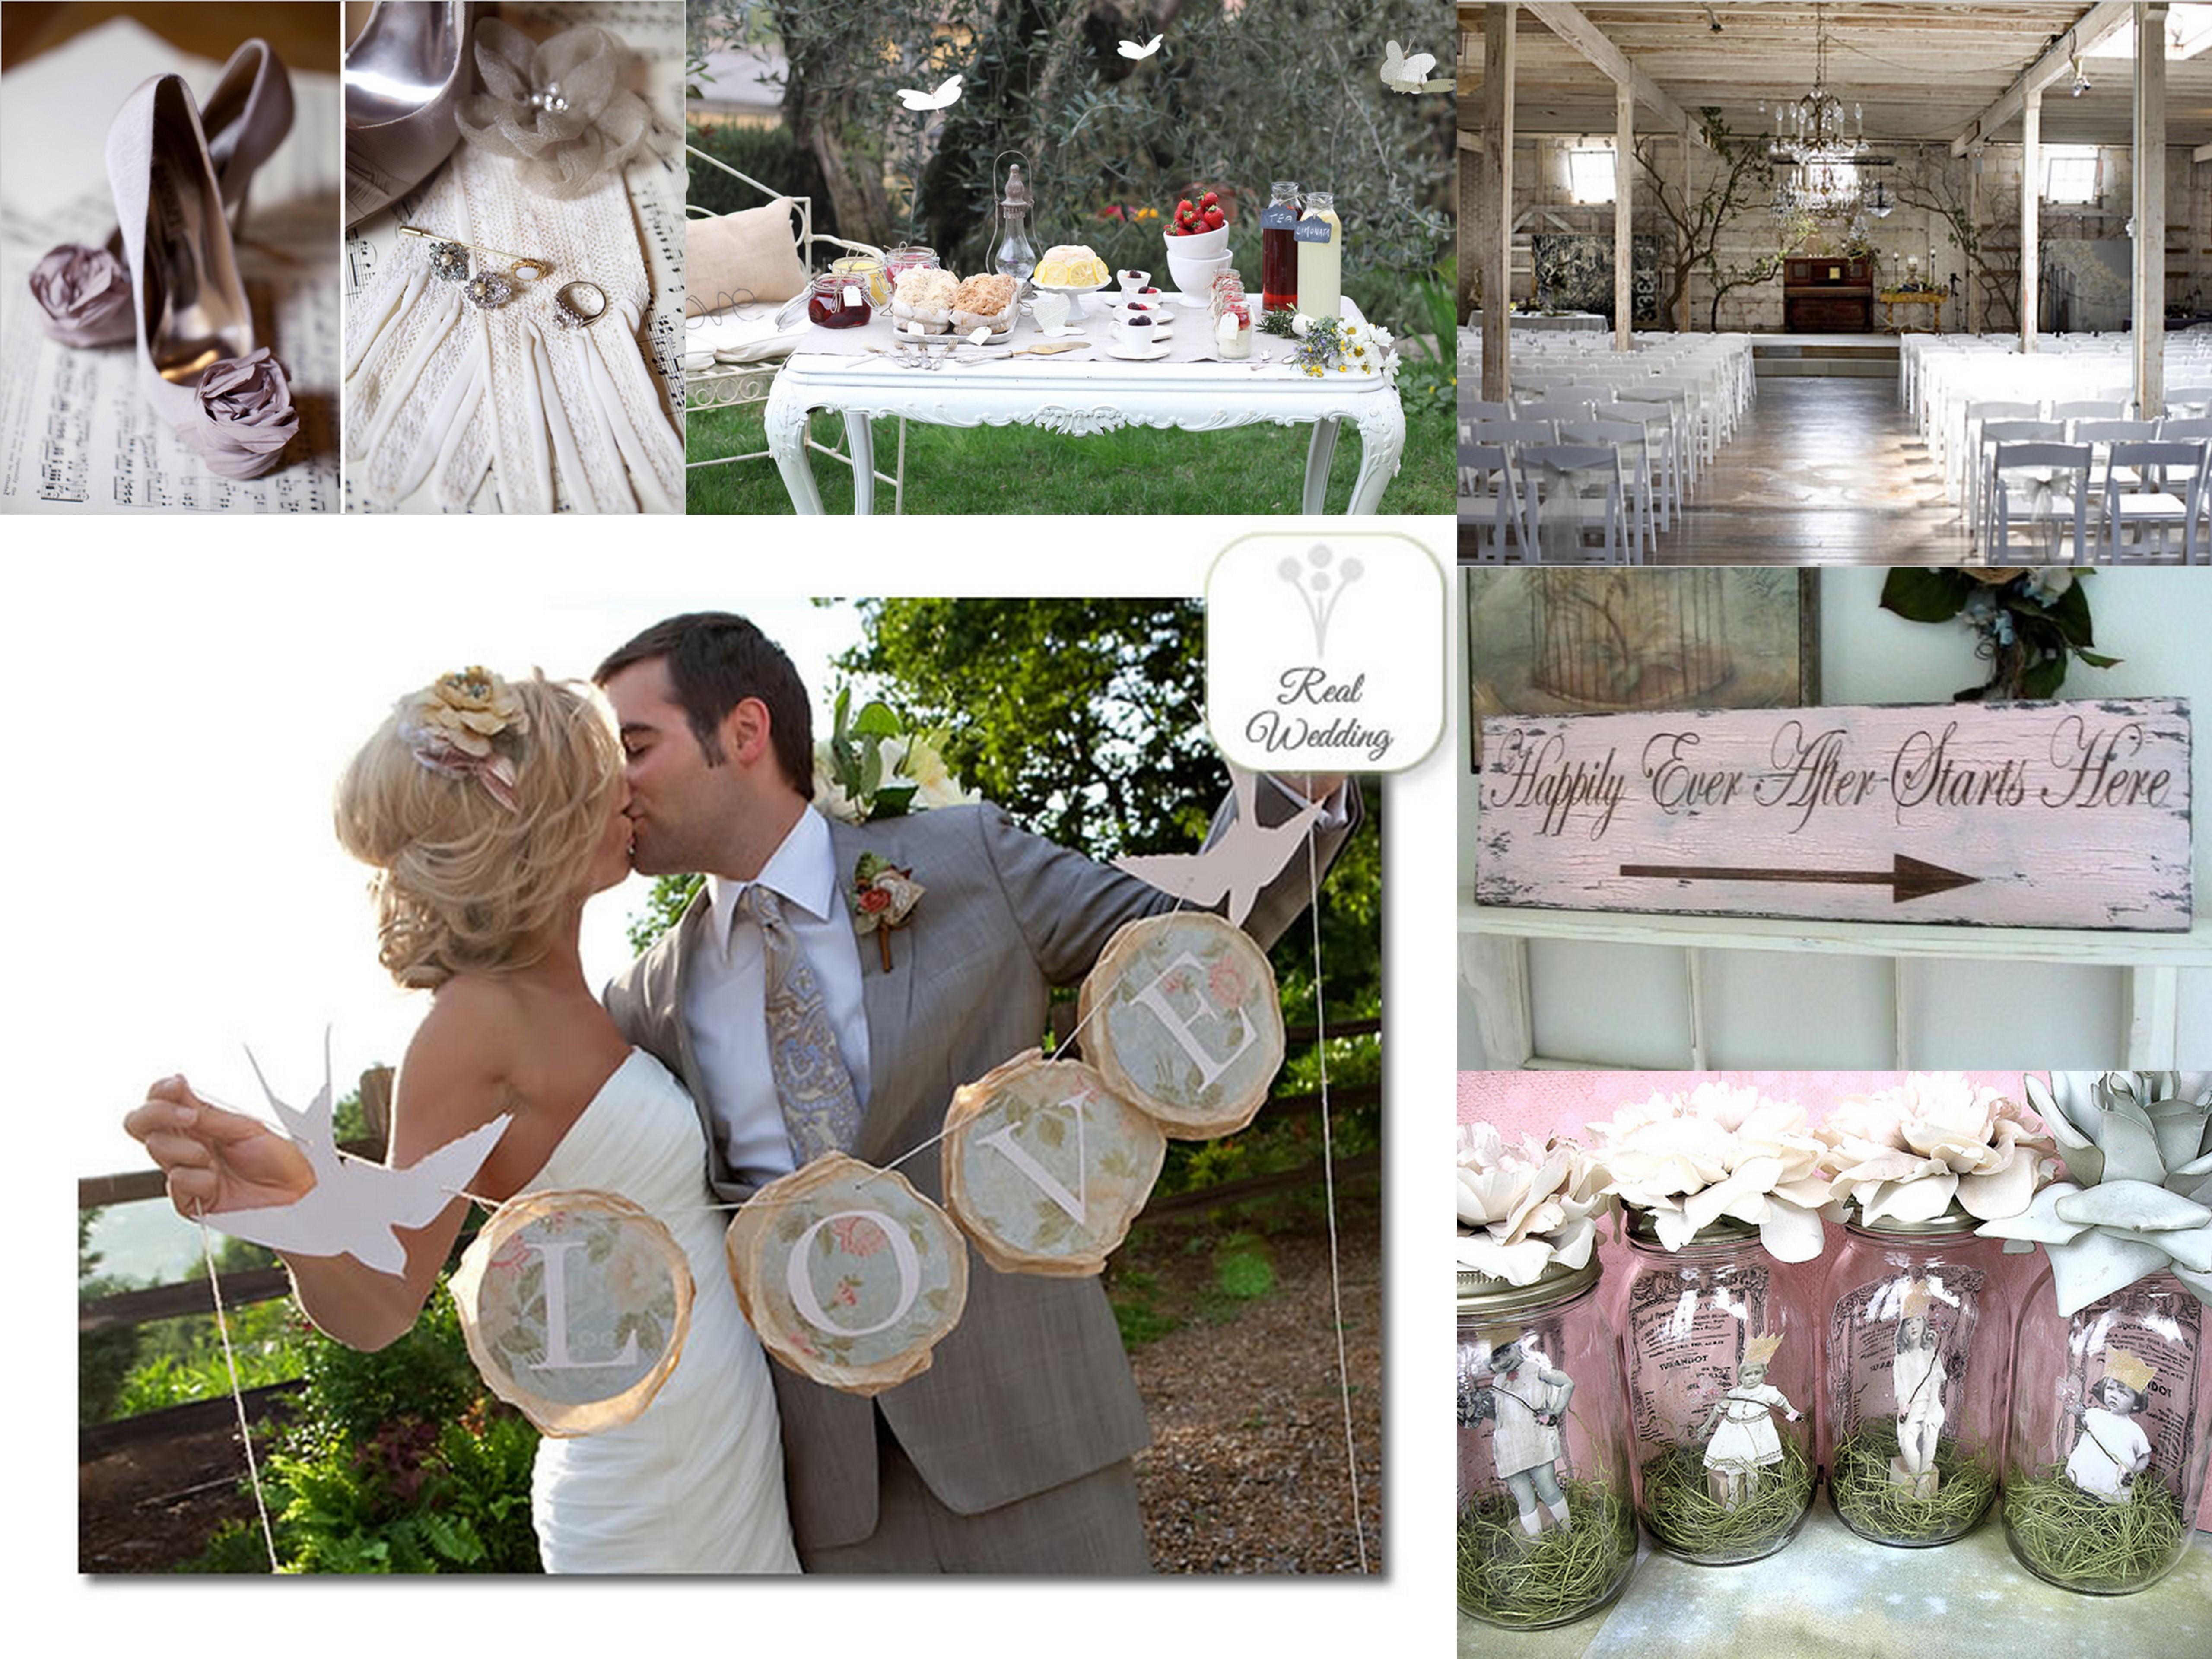 Dunque, come già anticipato il matrimonio dei nostri amici è stato magnifico. Shabby Chic Wedding Inspiration Ii Fantastical Wedding Stylings